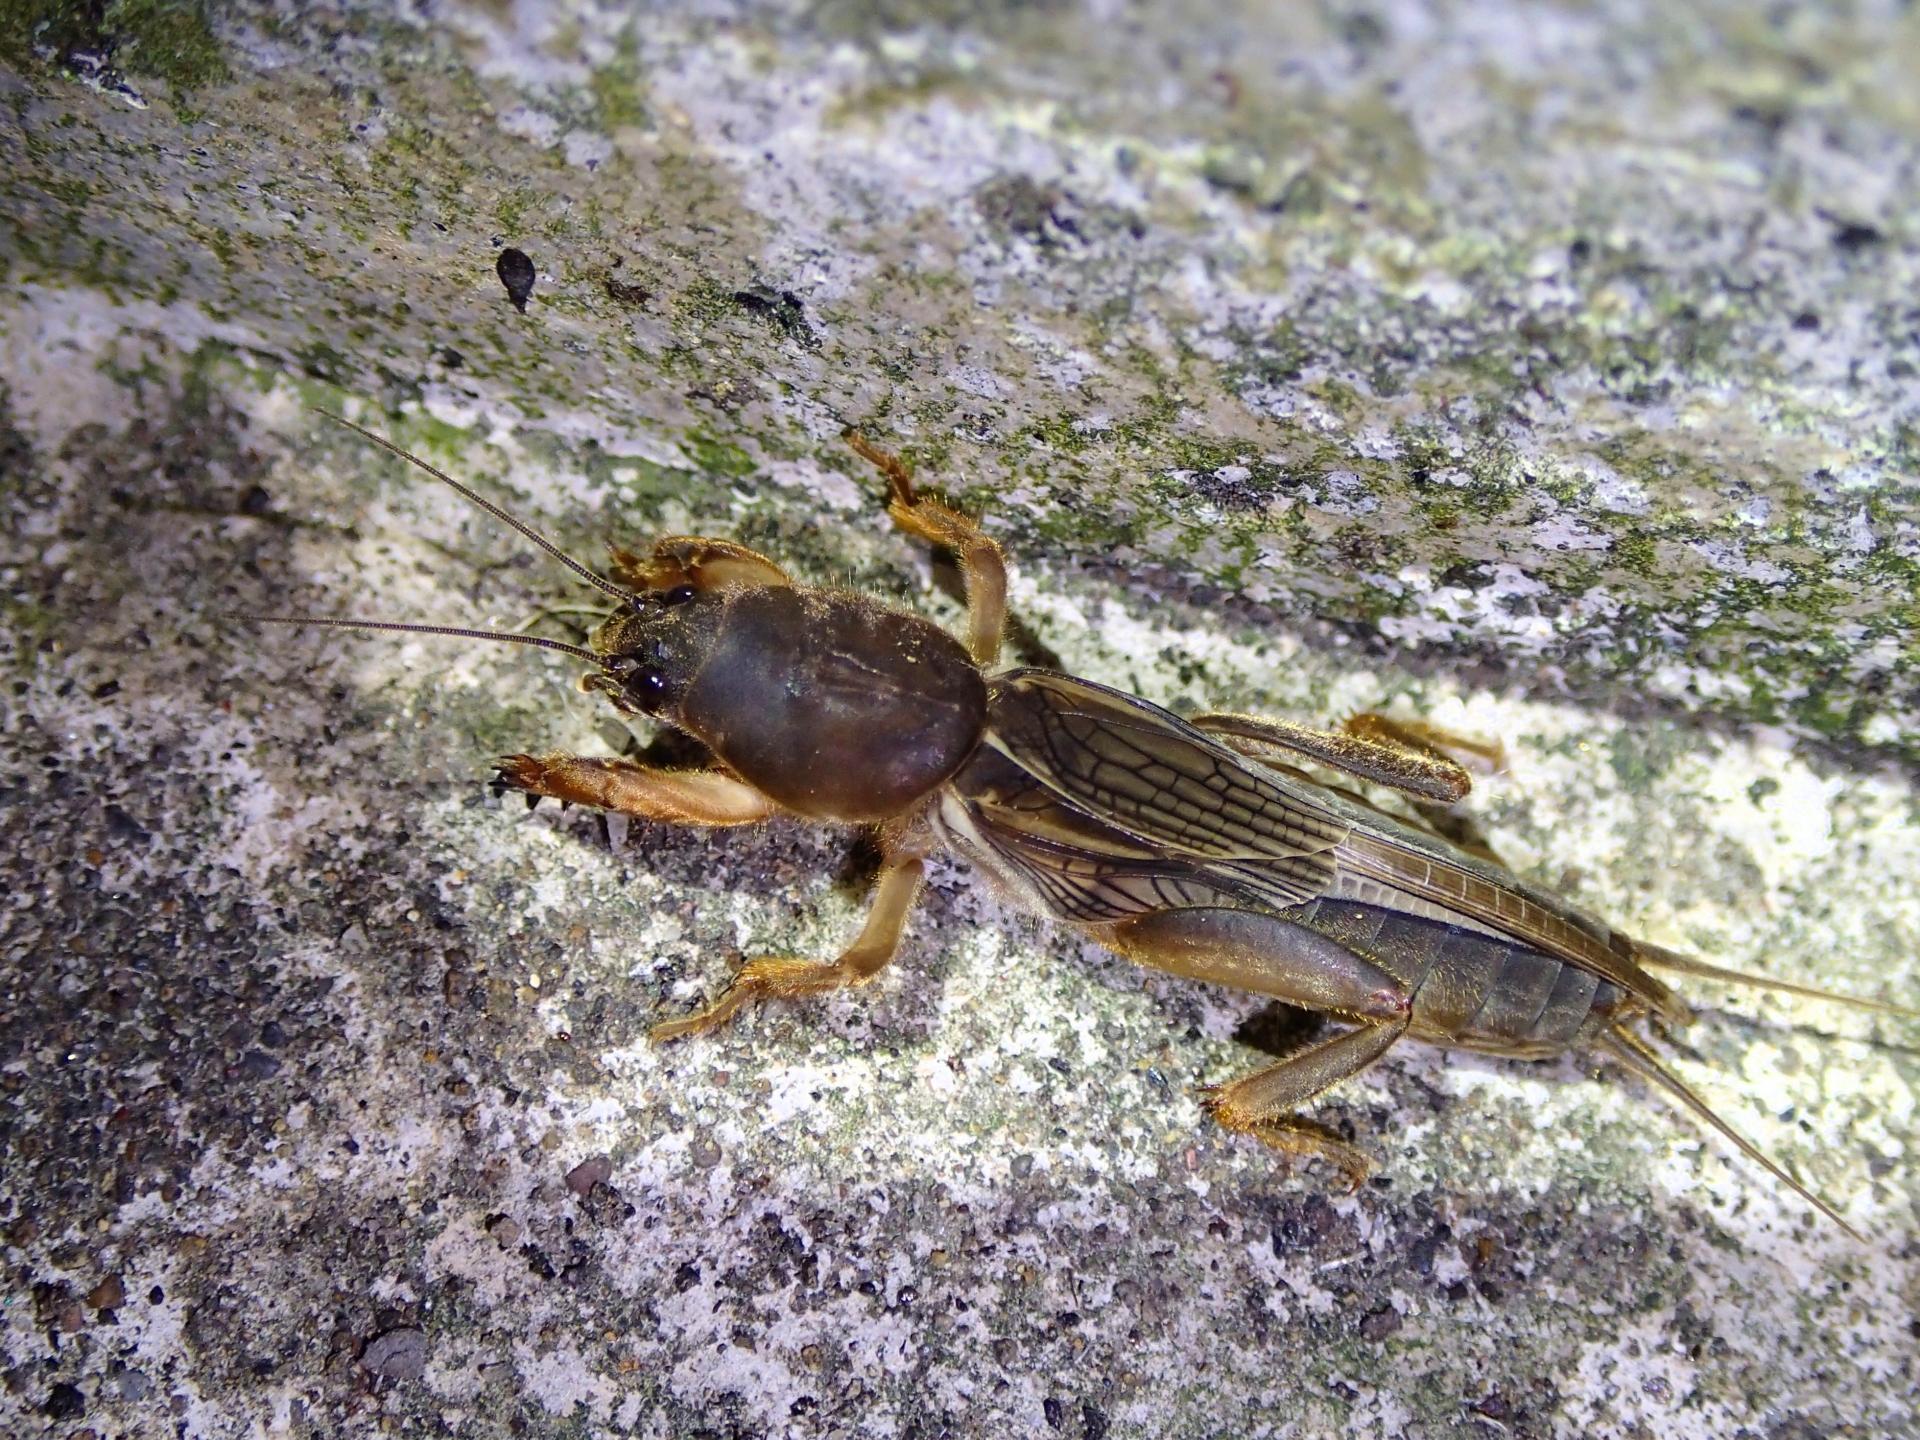 春先から聞こえる虫の鳴き声「ジー」と鳴く虫の正体とは!